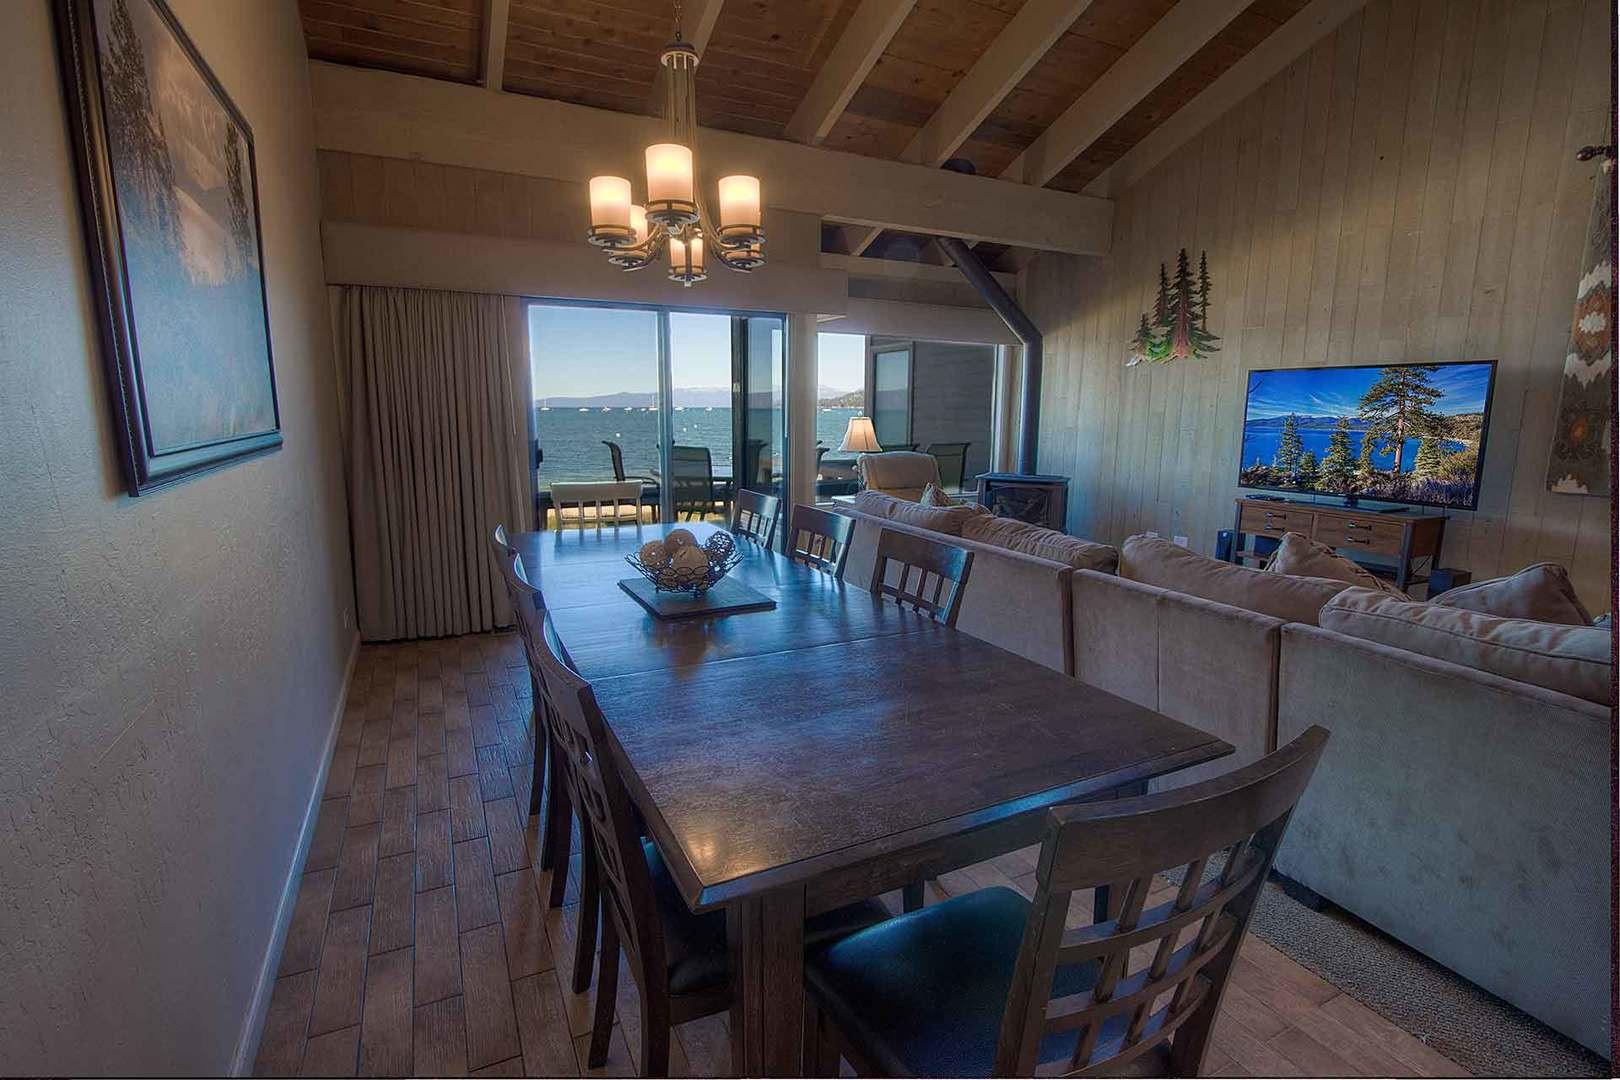 llc1239 dining room